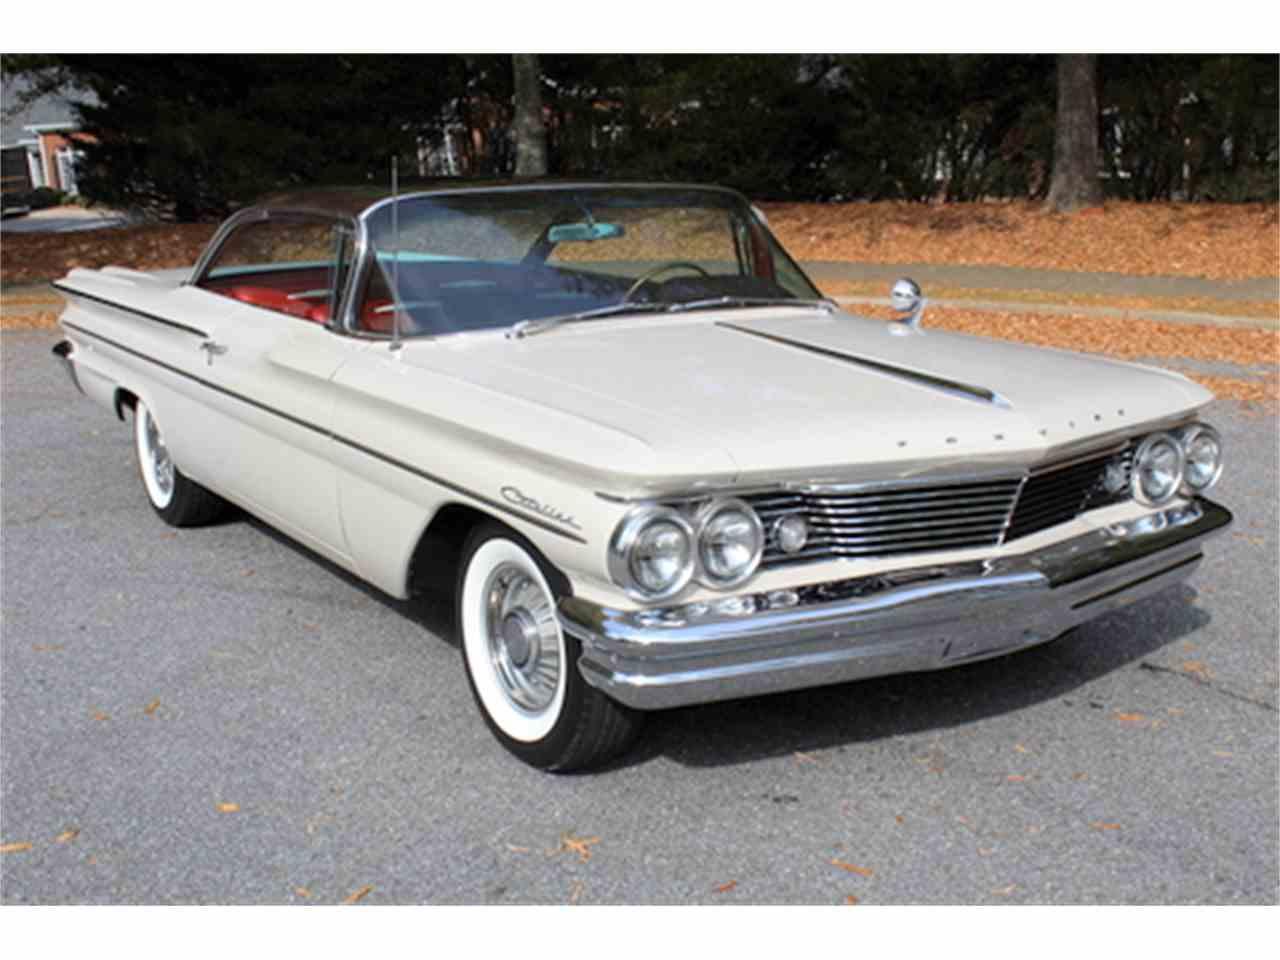 1960 Pontiac Safari Wagon1970 Station Wagon For Sale Autos Weblog Star Chief Catalina Classiccars Com Cc 919975